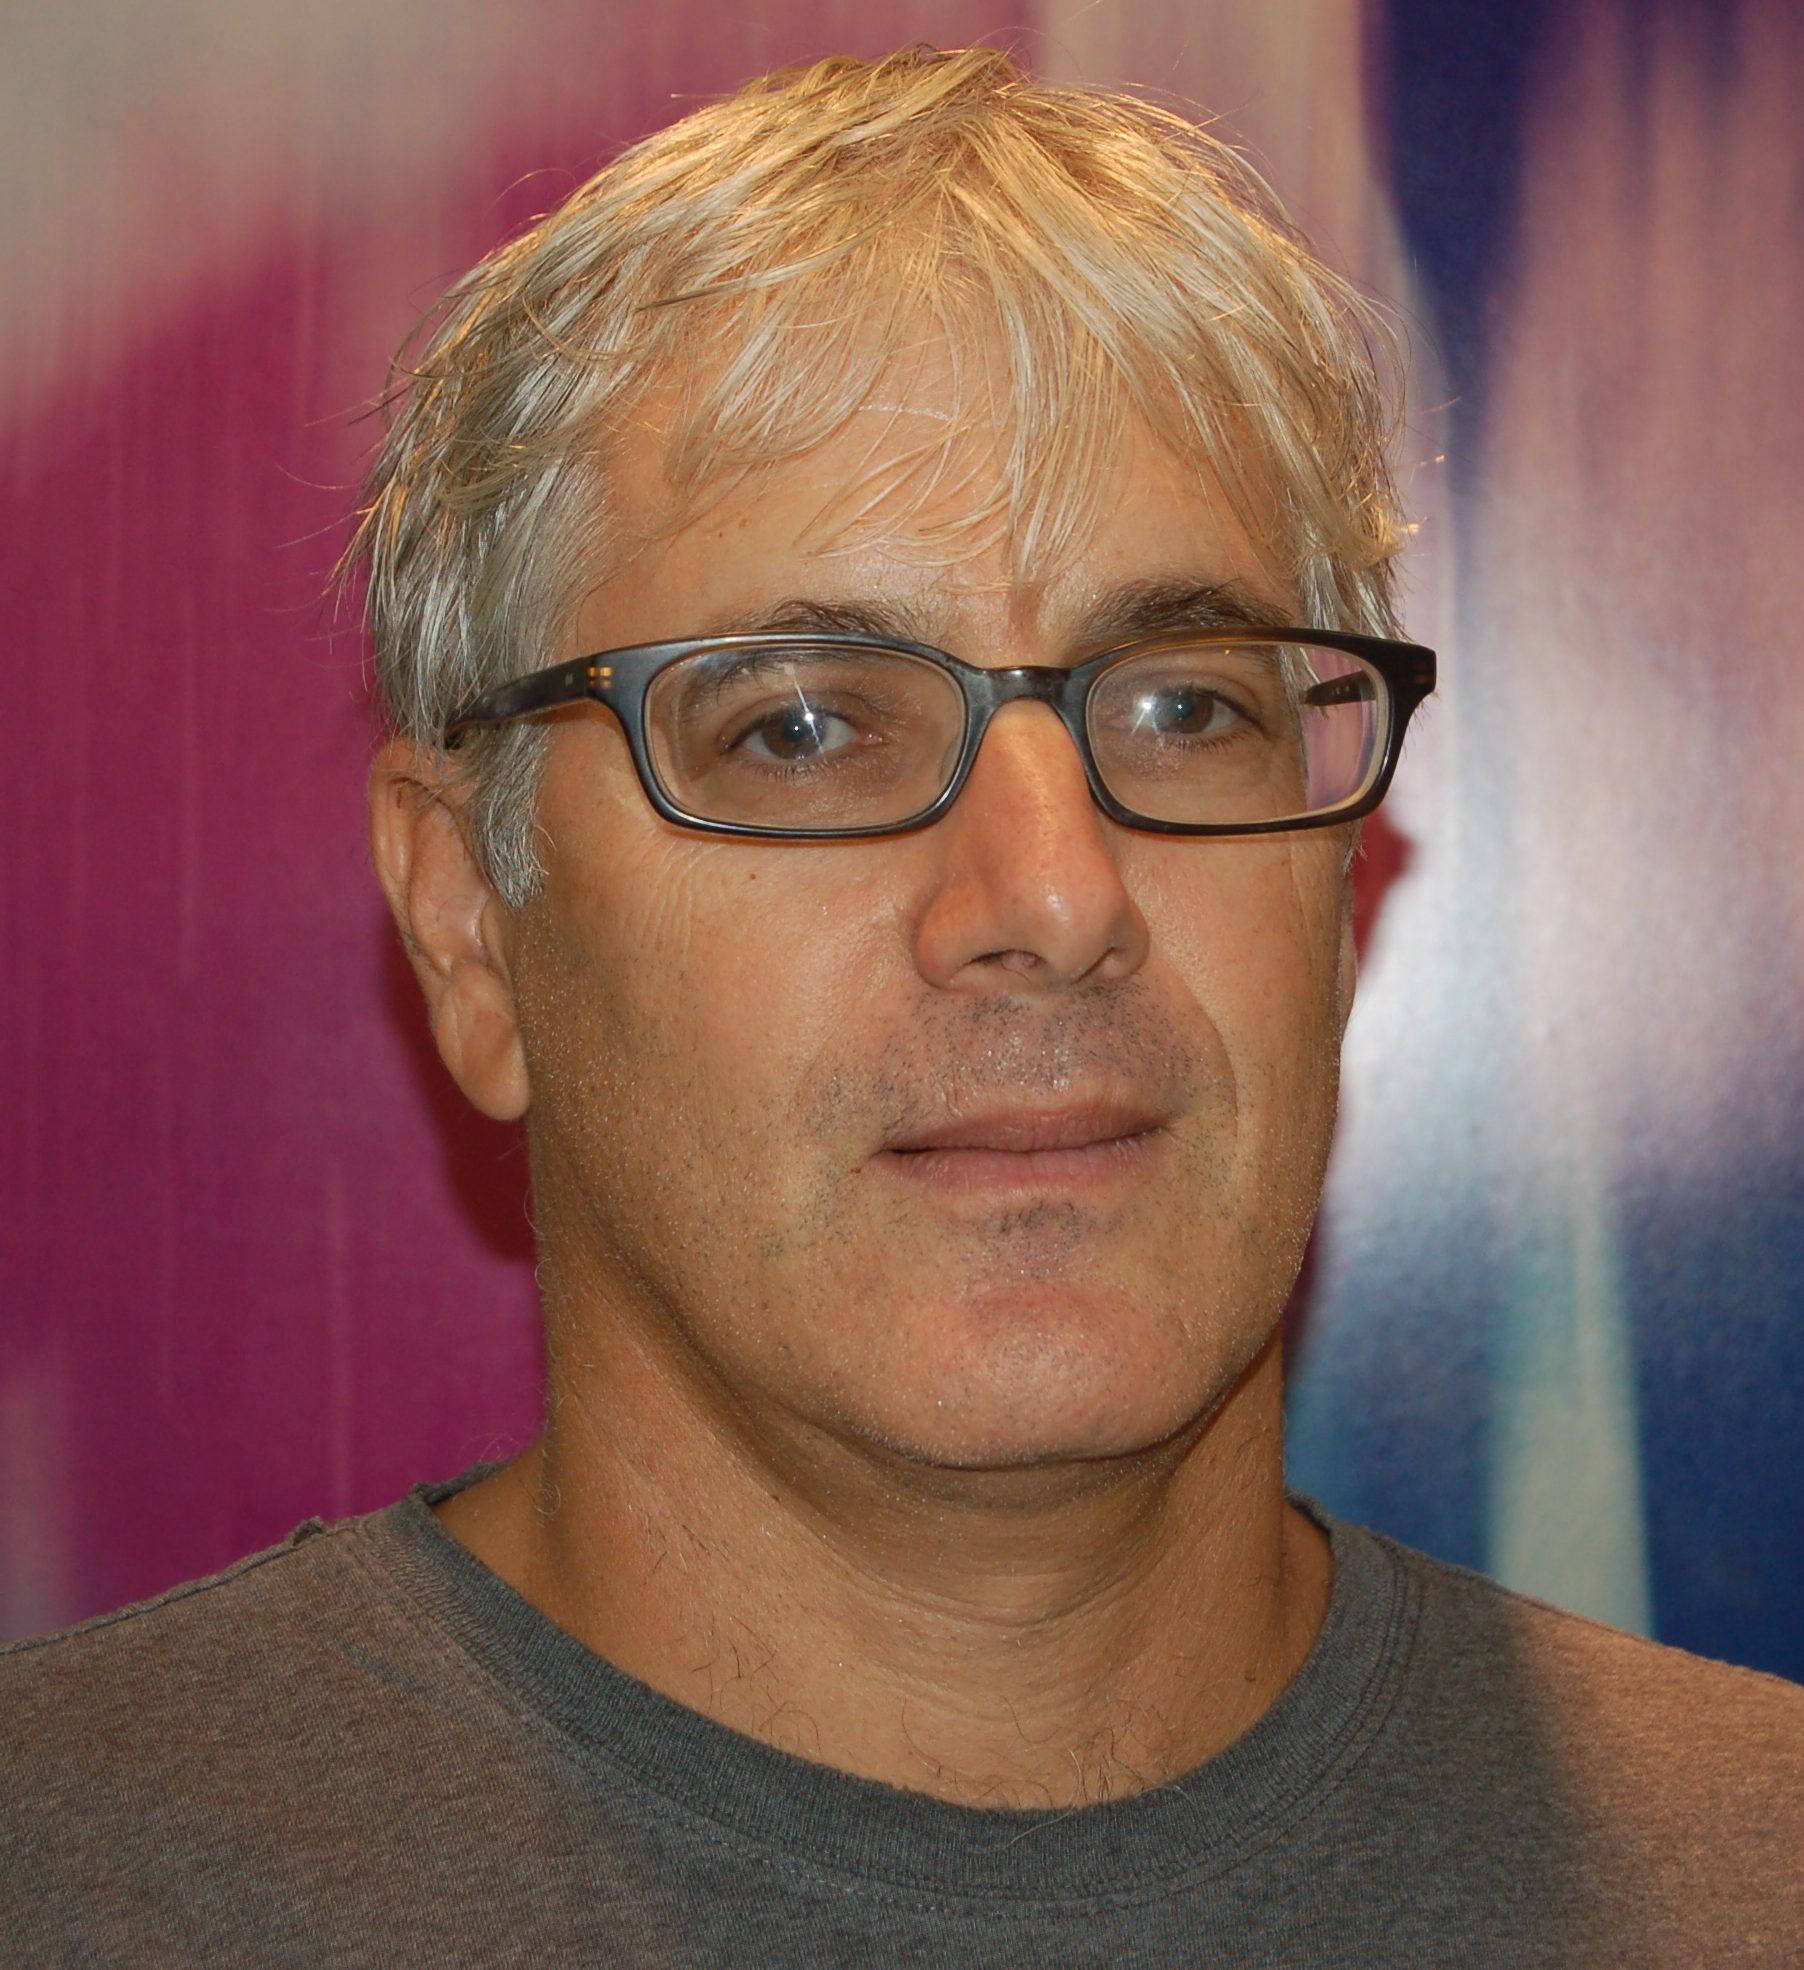 Josh Baer